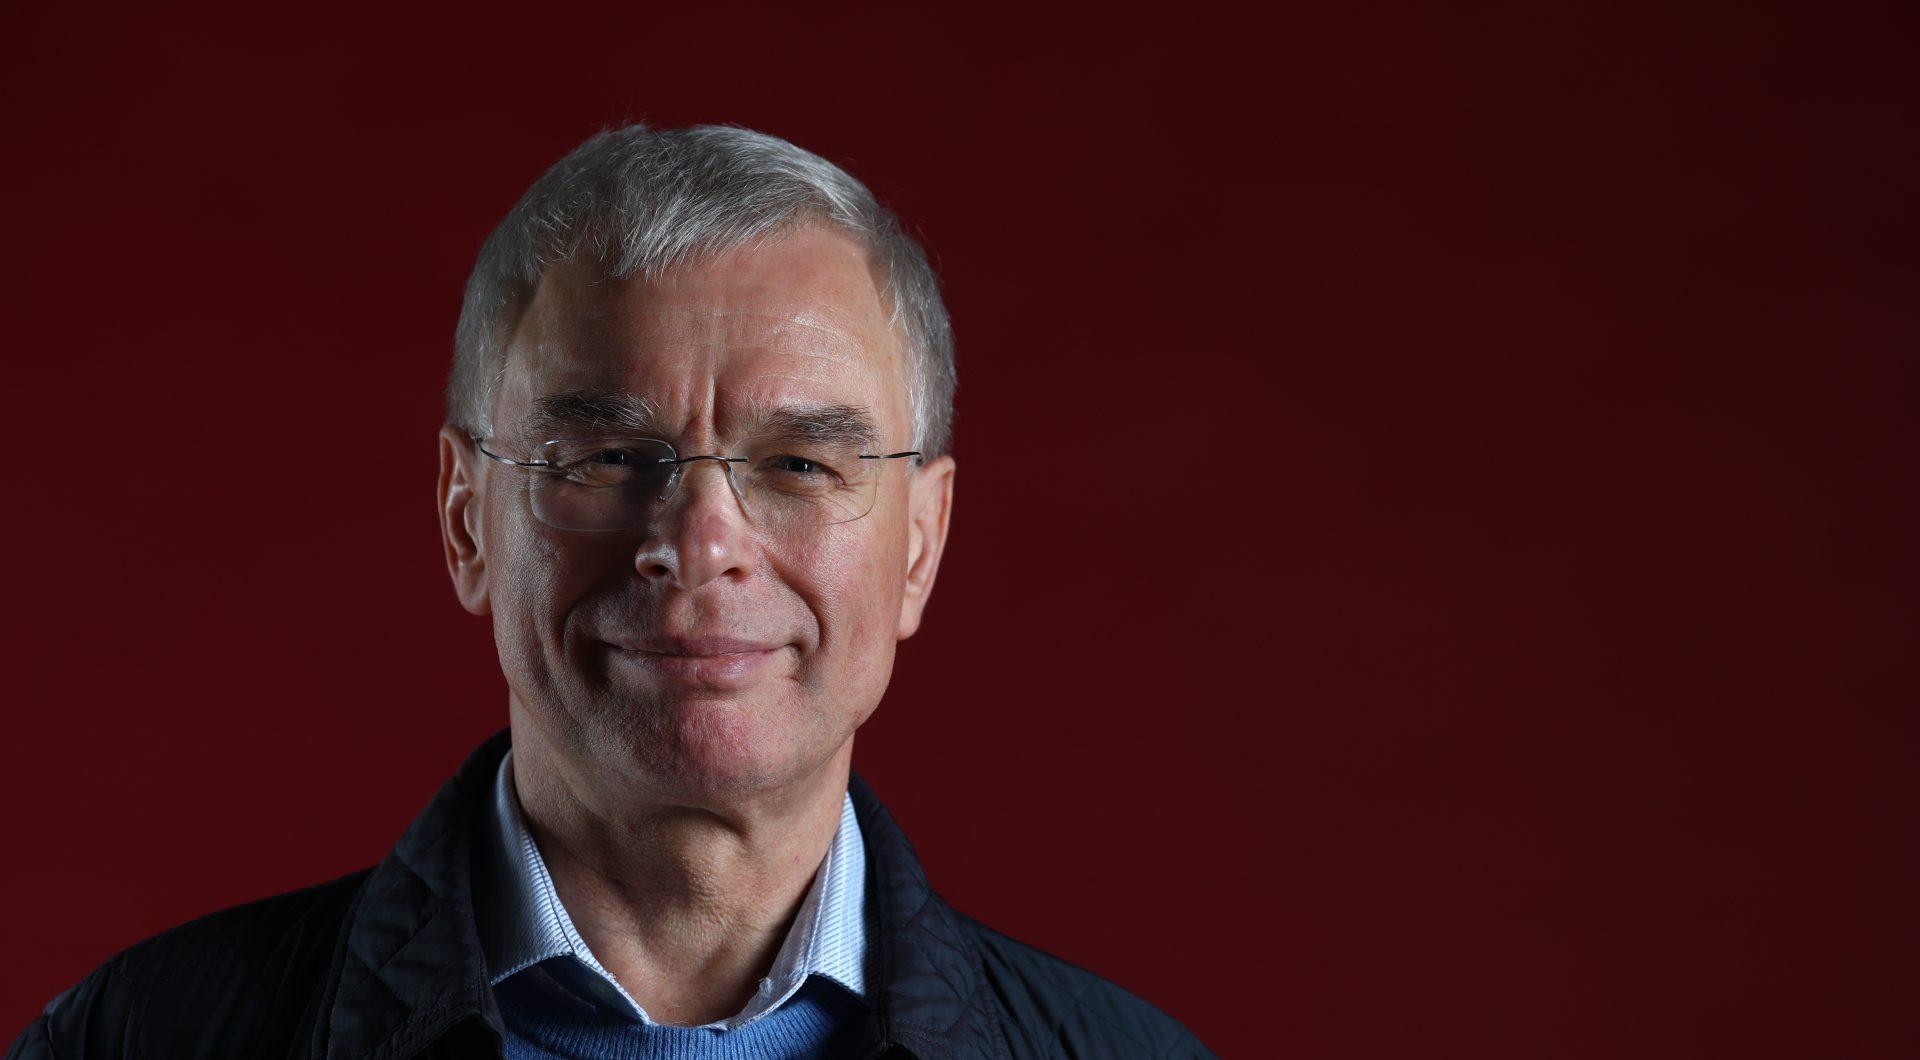 Александр Шереметьев, сооснователь и генеральный директор АО «Нева металл посуда»